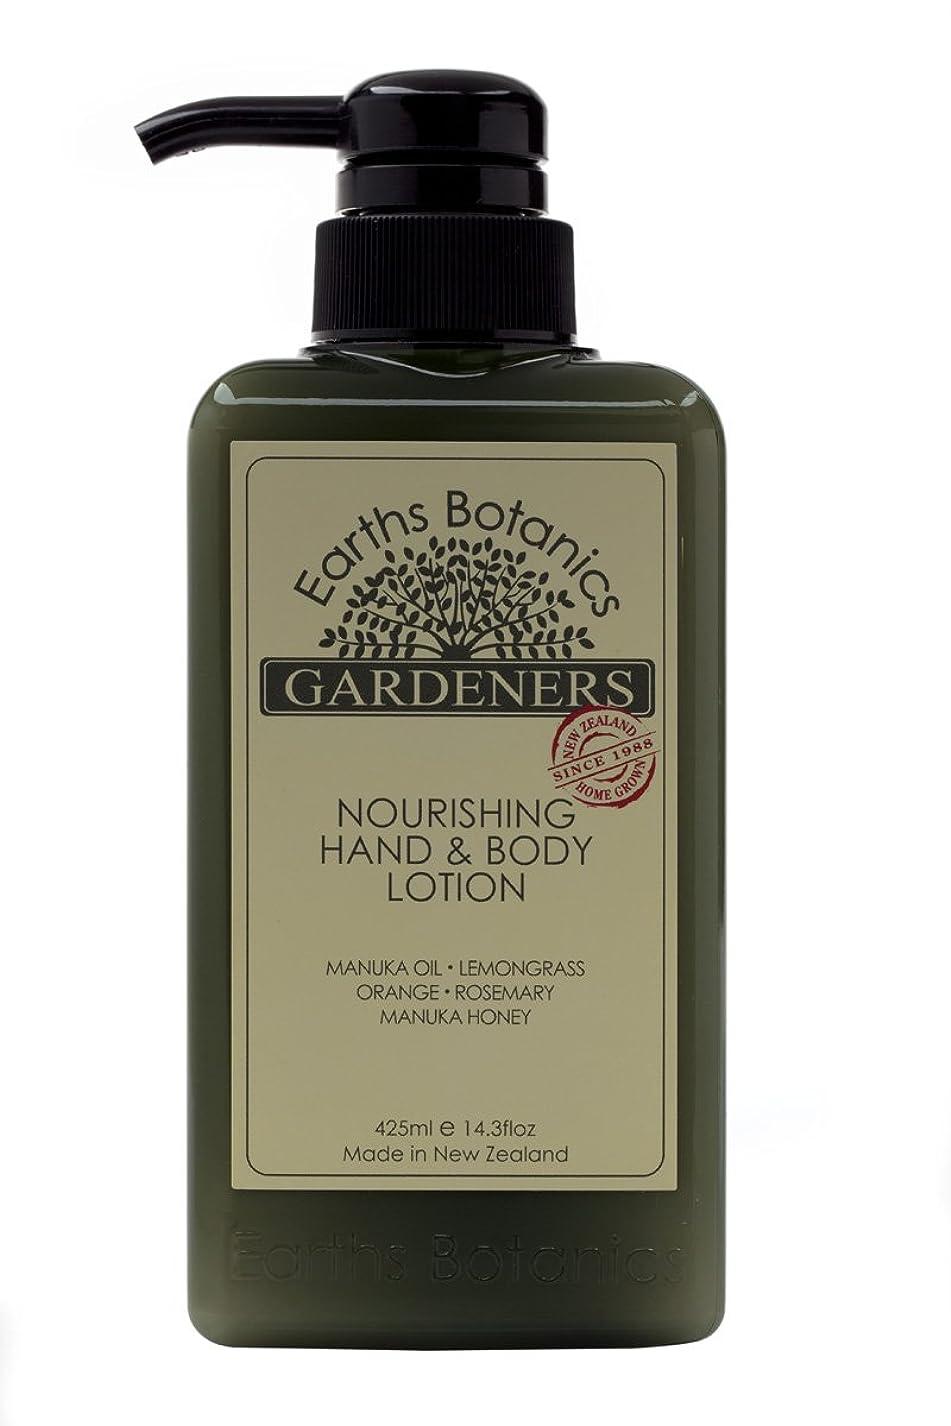 専門赤字談話Earths Botanics GARDENERS(ガーデナーズ) ナリシングハンド&ボディローション 425ml